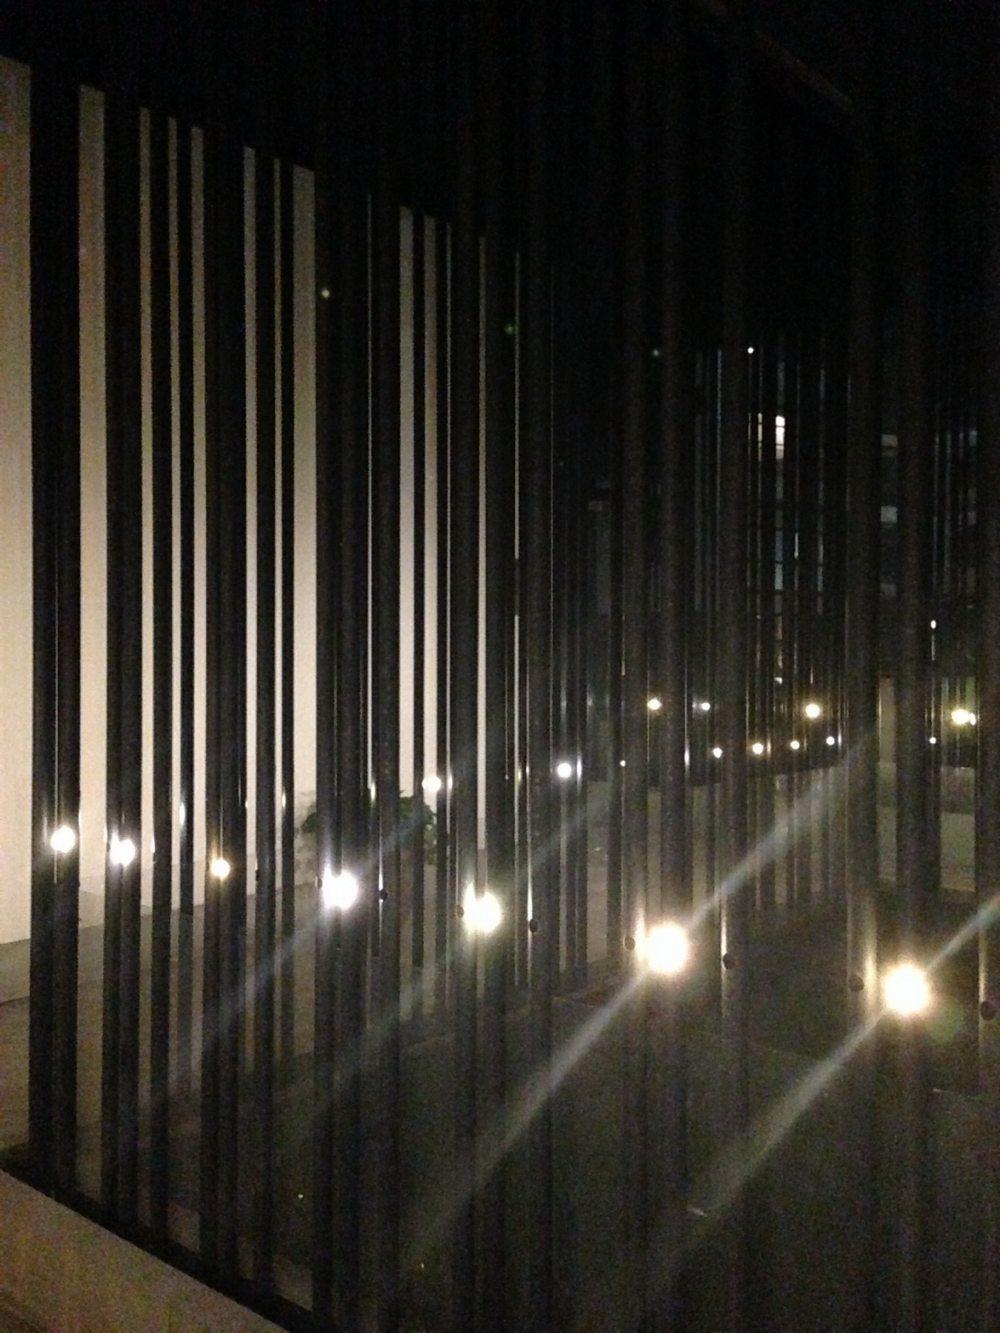 厦门乐雅无垠酒店Hotel Wind自拍 分享_IMG_2502.JPG